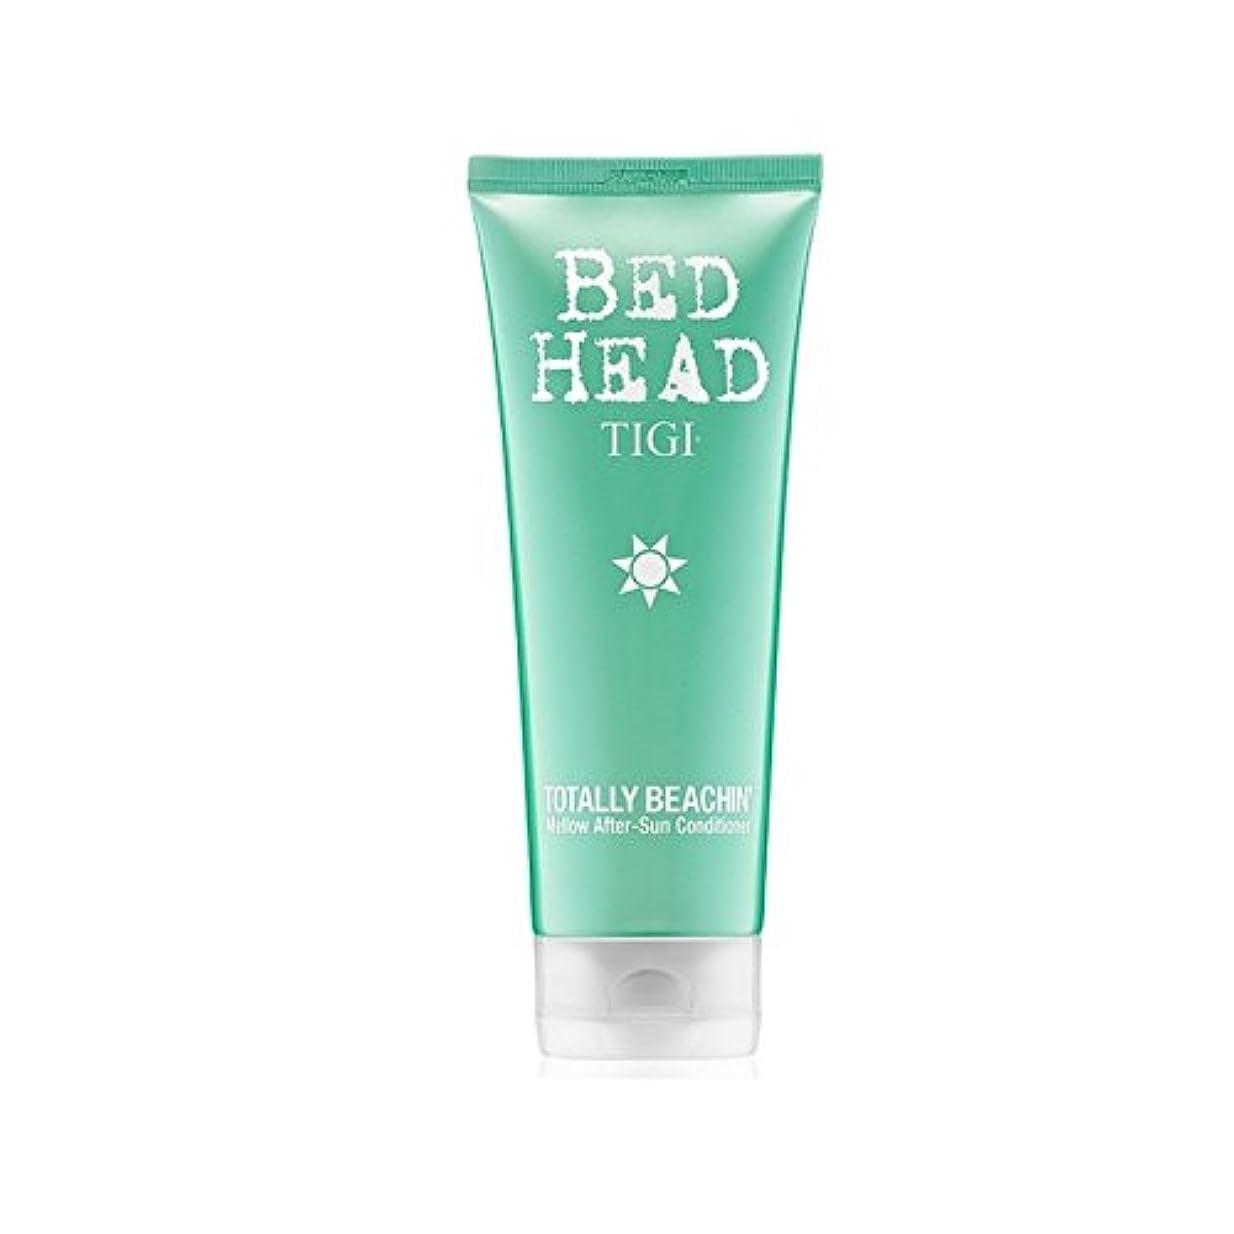 ティジーベッドヘッド全くまろやかアフターサンコンディショナー(200ミリリットル) x2 - Tigi Bed Head Totally Beachin Mellow After-Sun Conditioner (200ml...